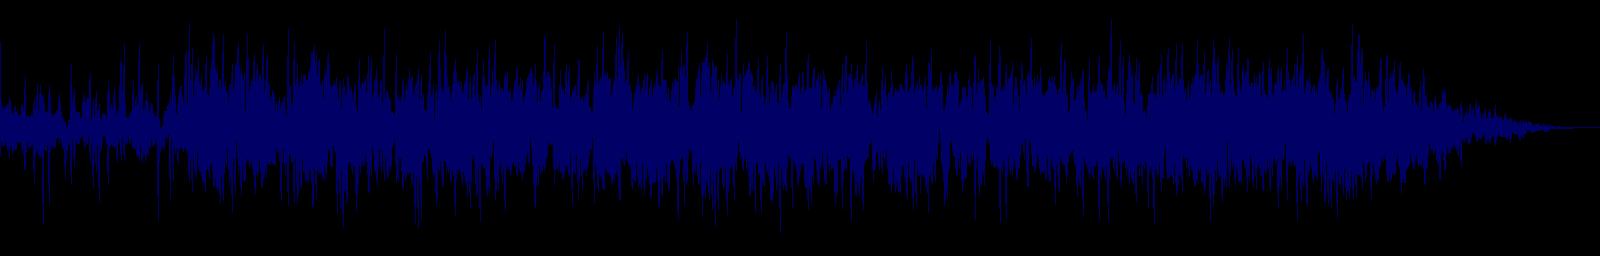 waveform of track #150011